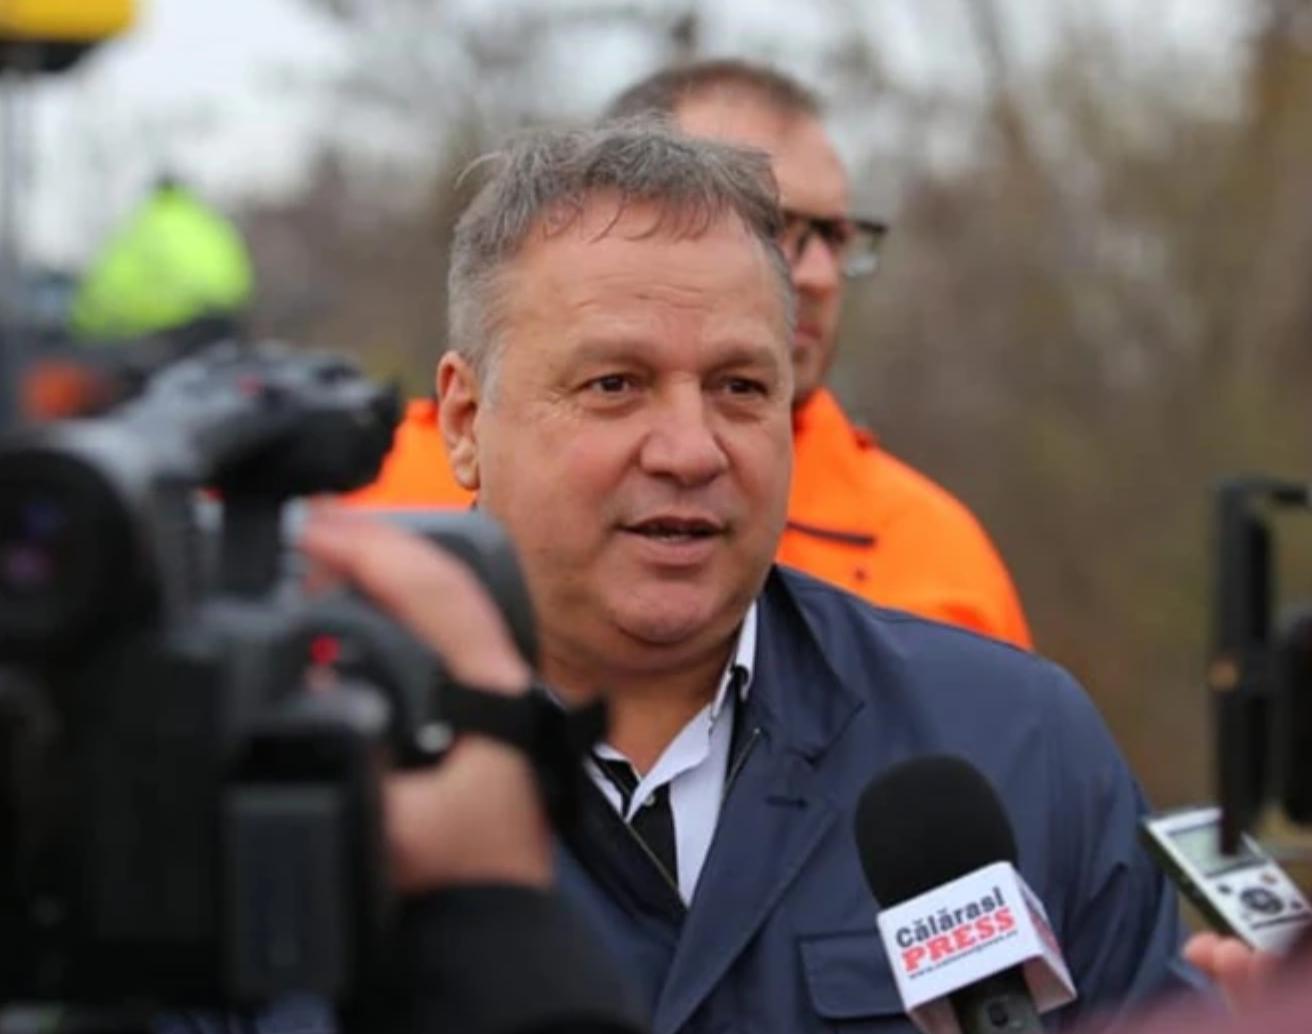 Șantaj la procuror! Președintele CJ Călărași își amenința anchetatorul cu televiziunea și detectivii particulari